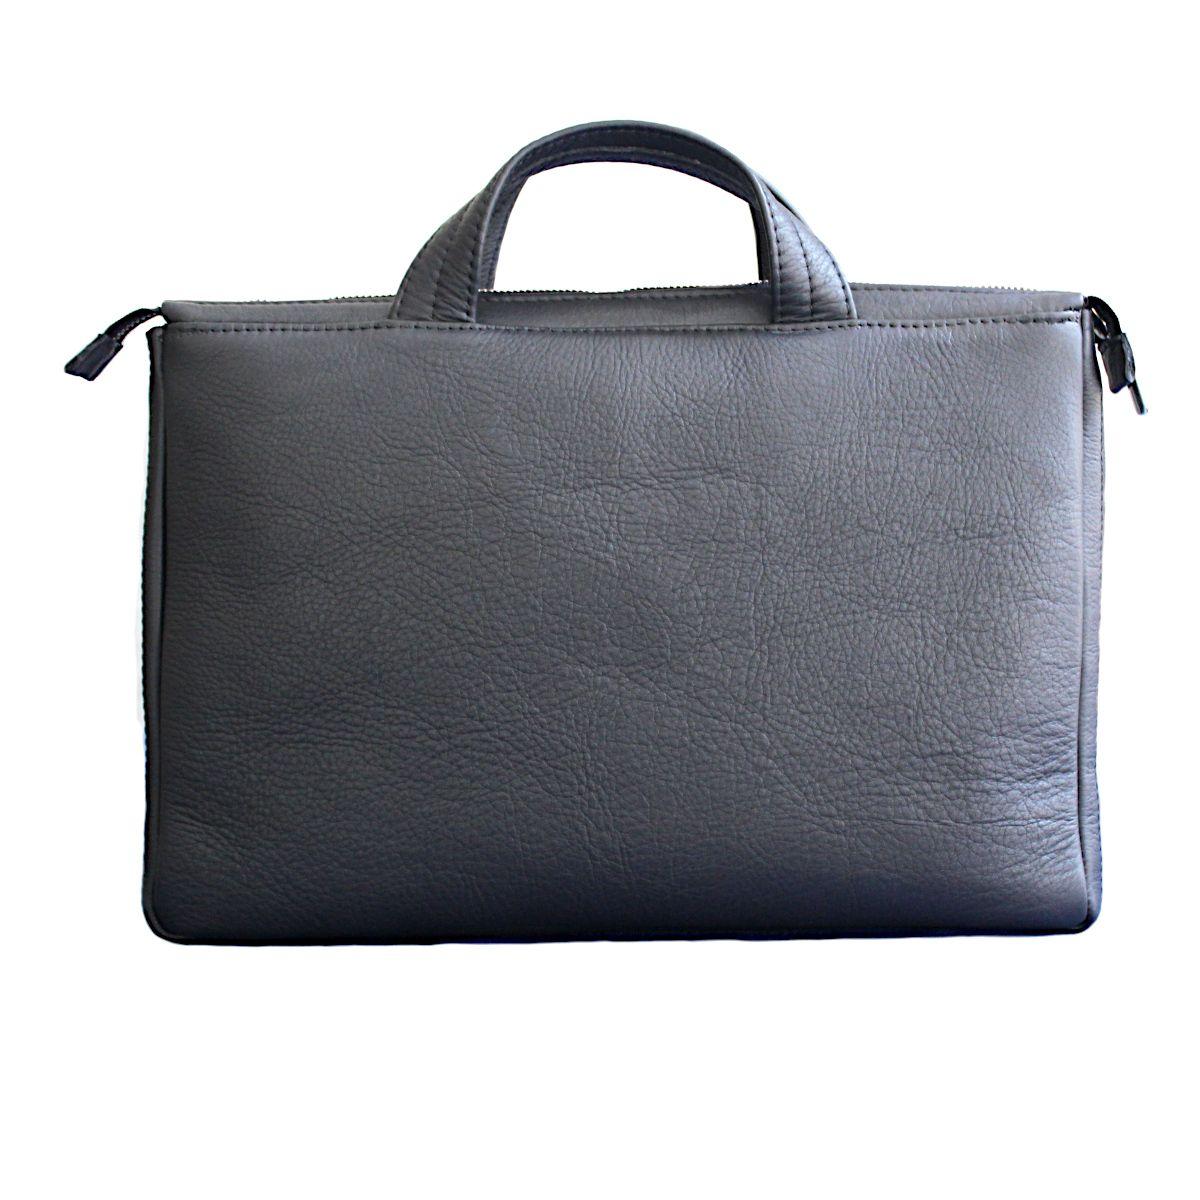 ръчно изработена черна мъжка бизнес чанта от естествена кожа